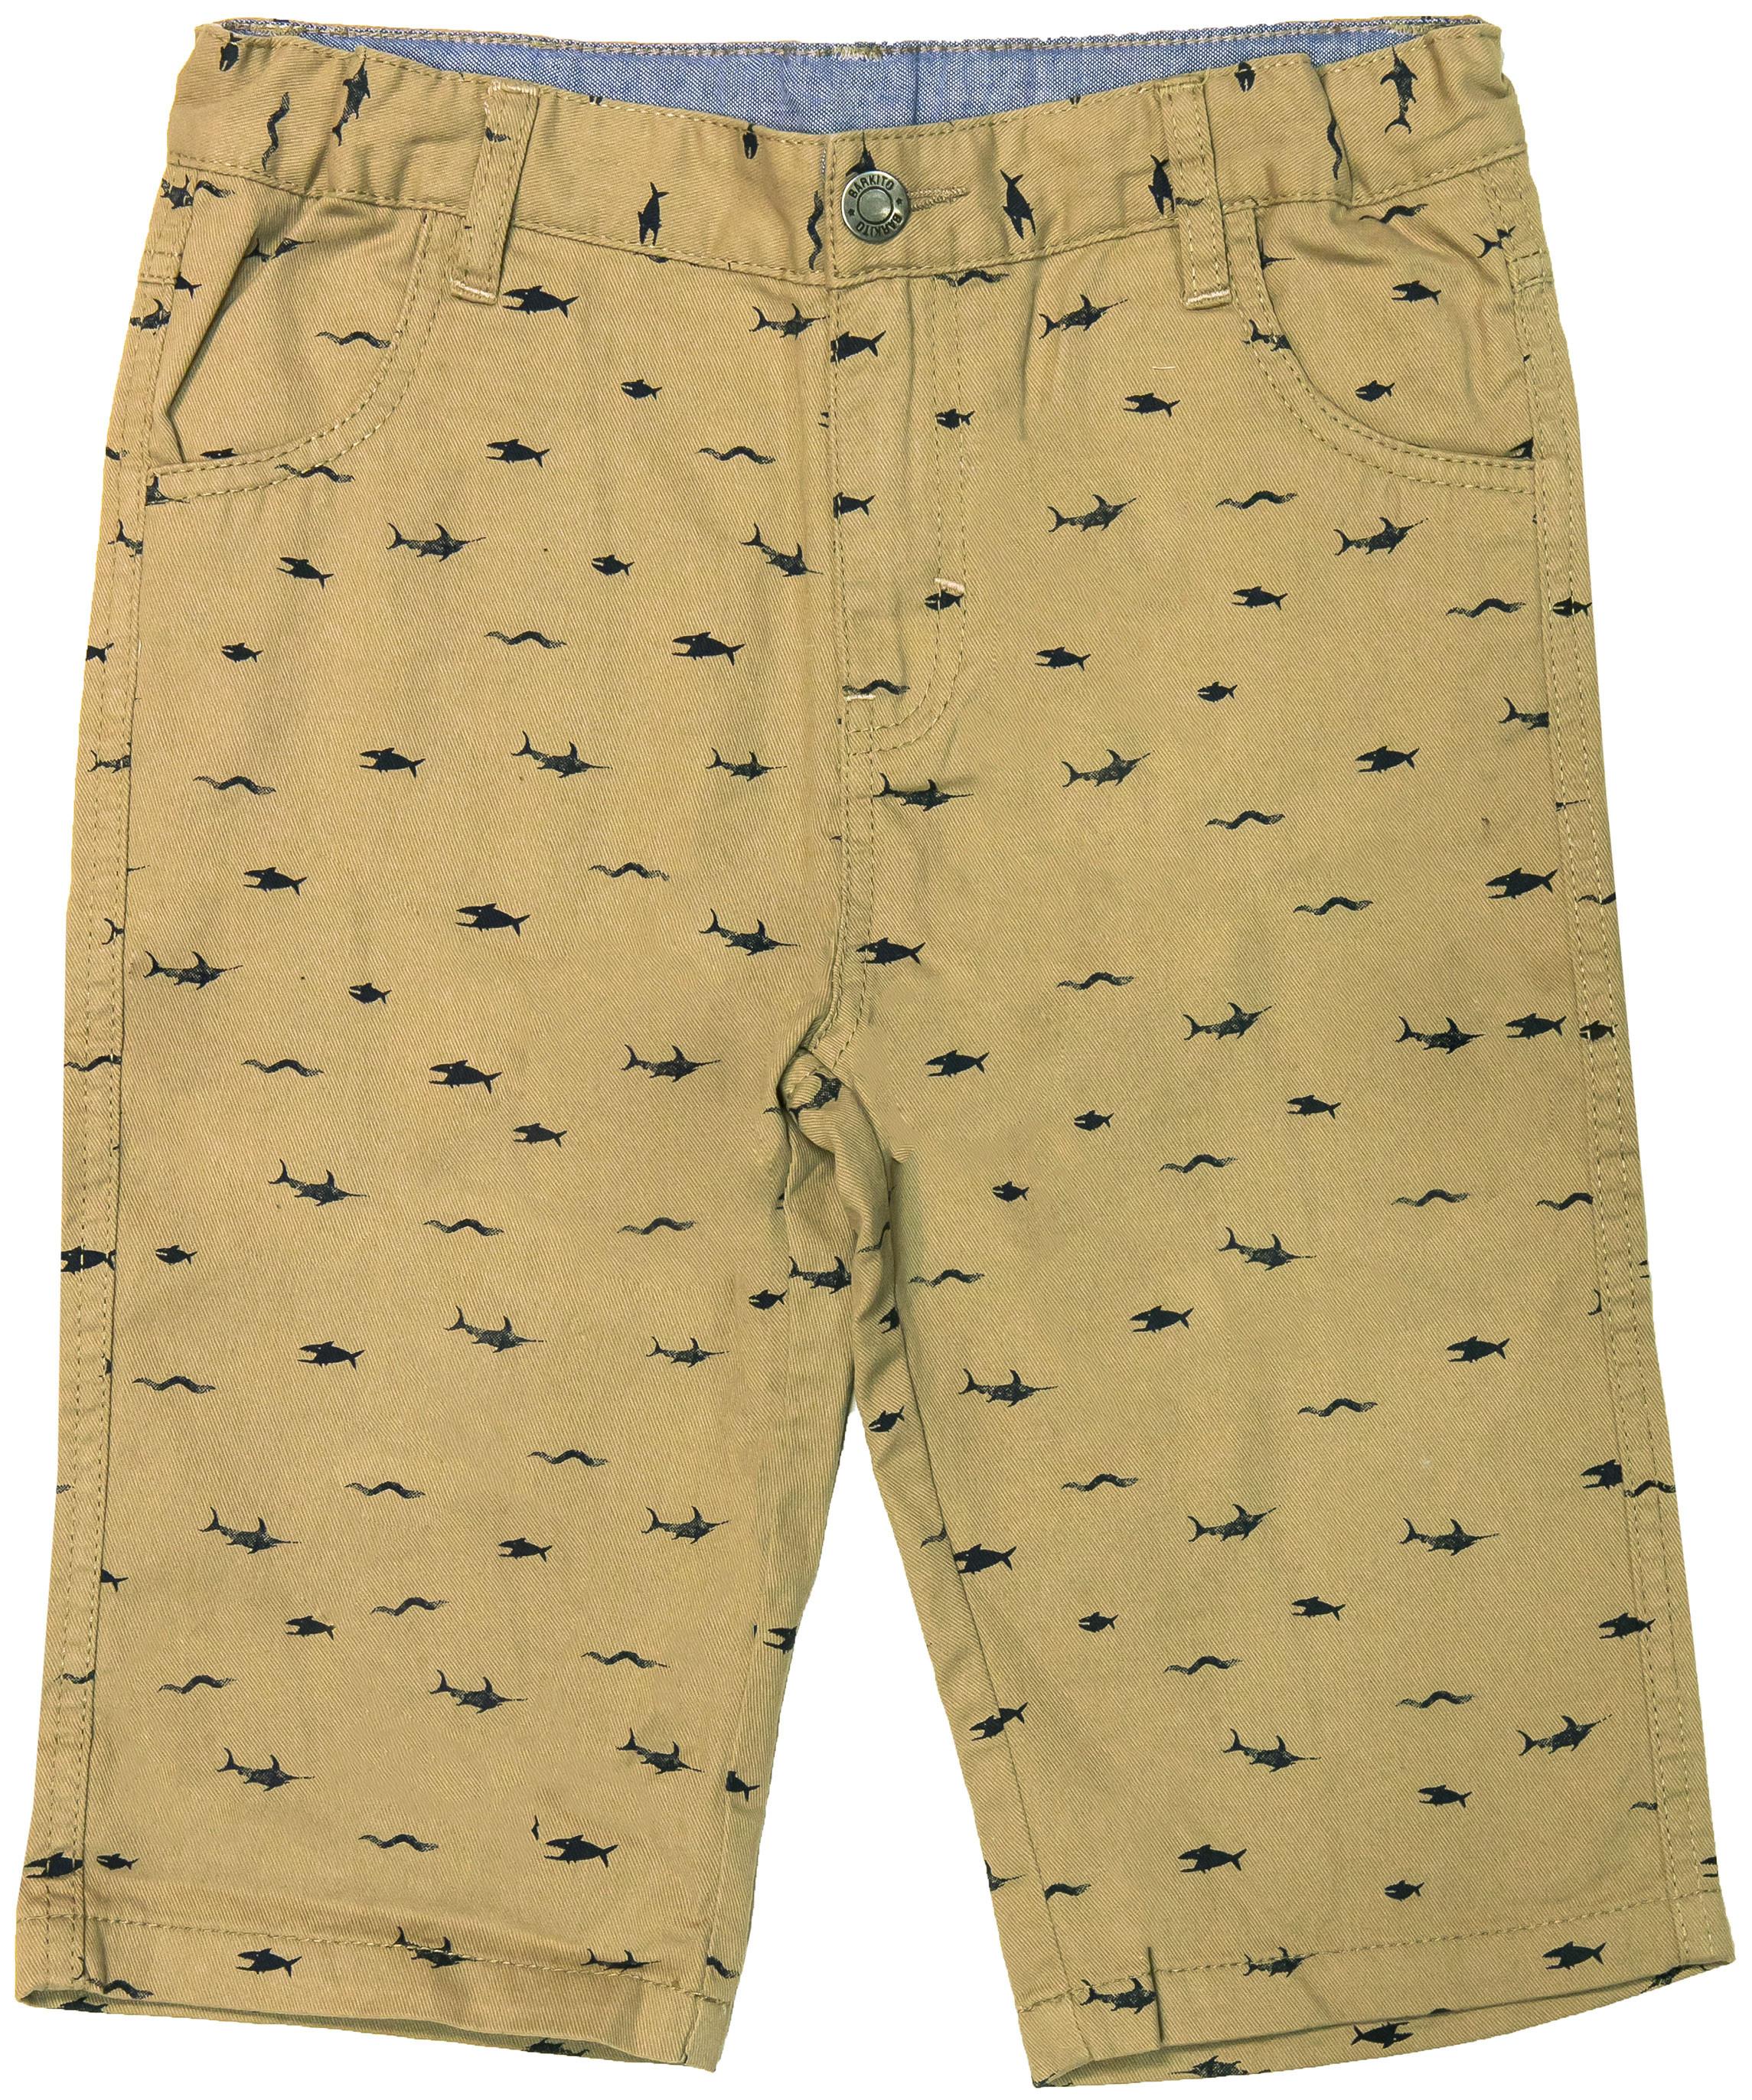 Шорты Barkito Шорты модель бермуды для мальчика Barkito Морские обитатели, бежевые с рисунком шорты бермуды